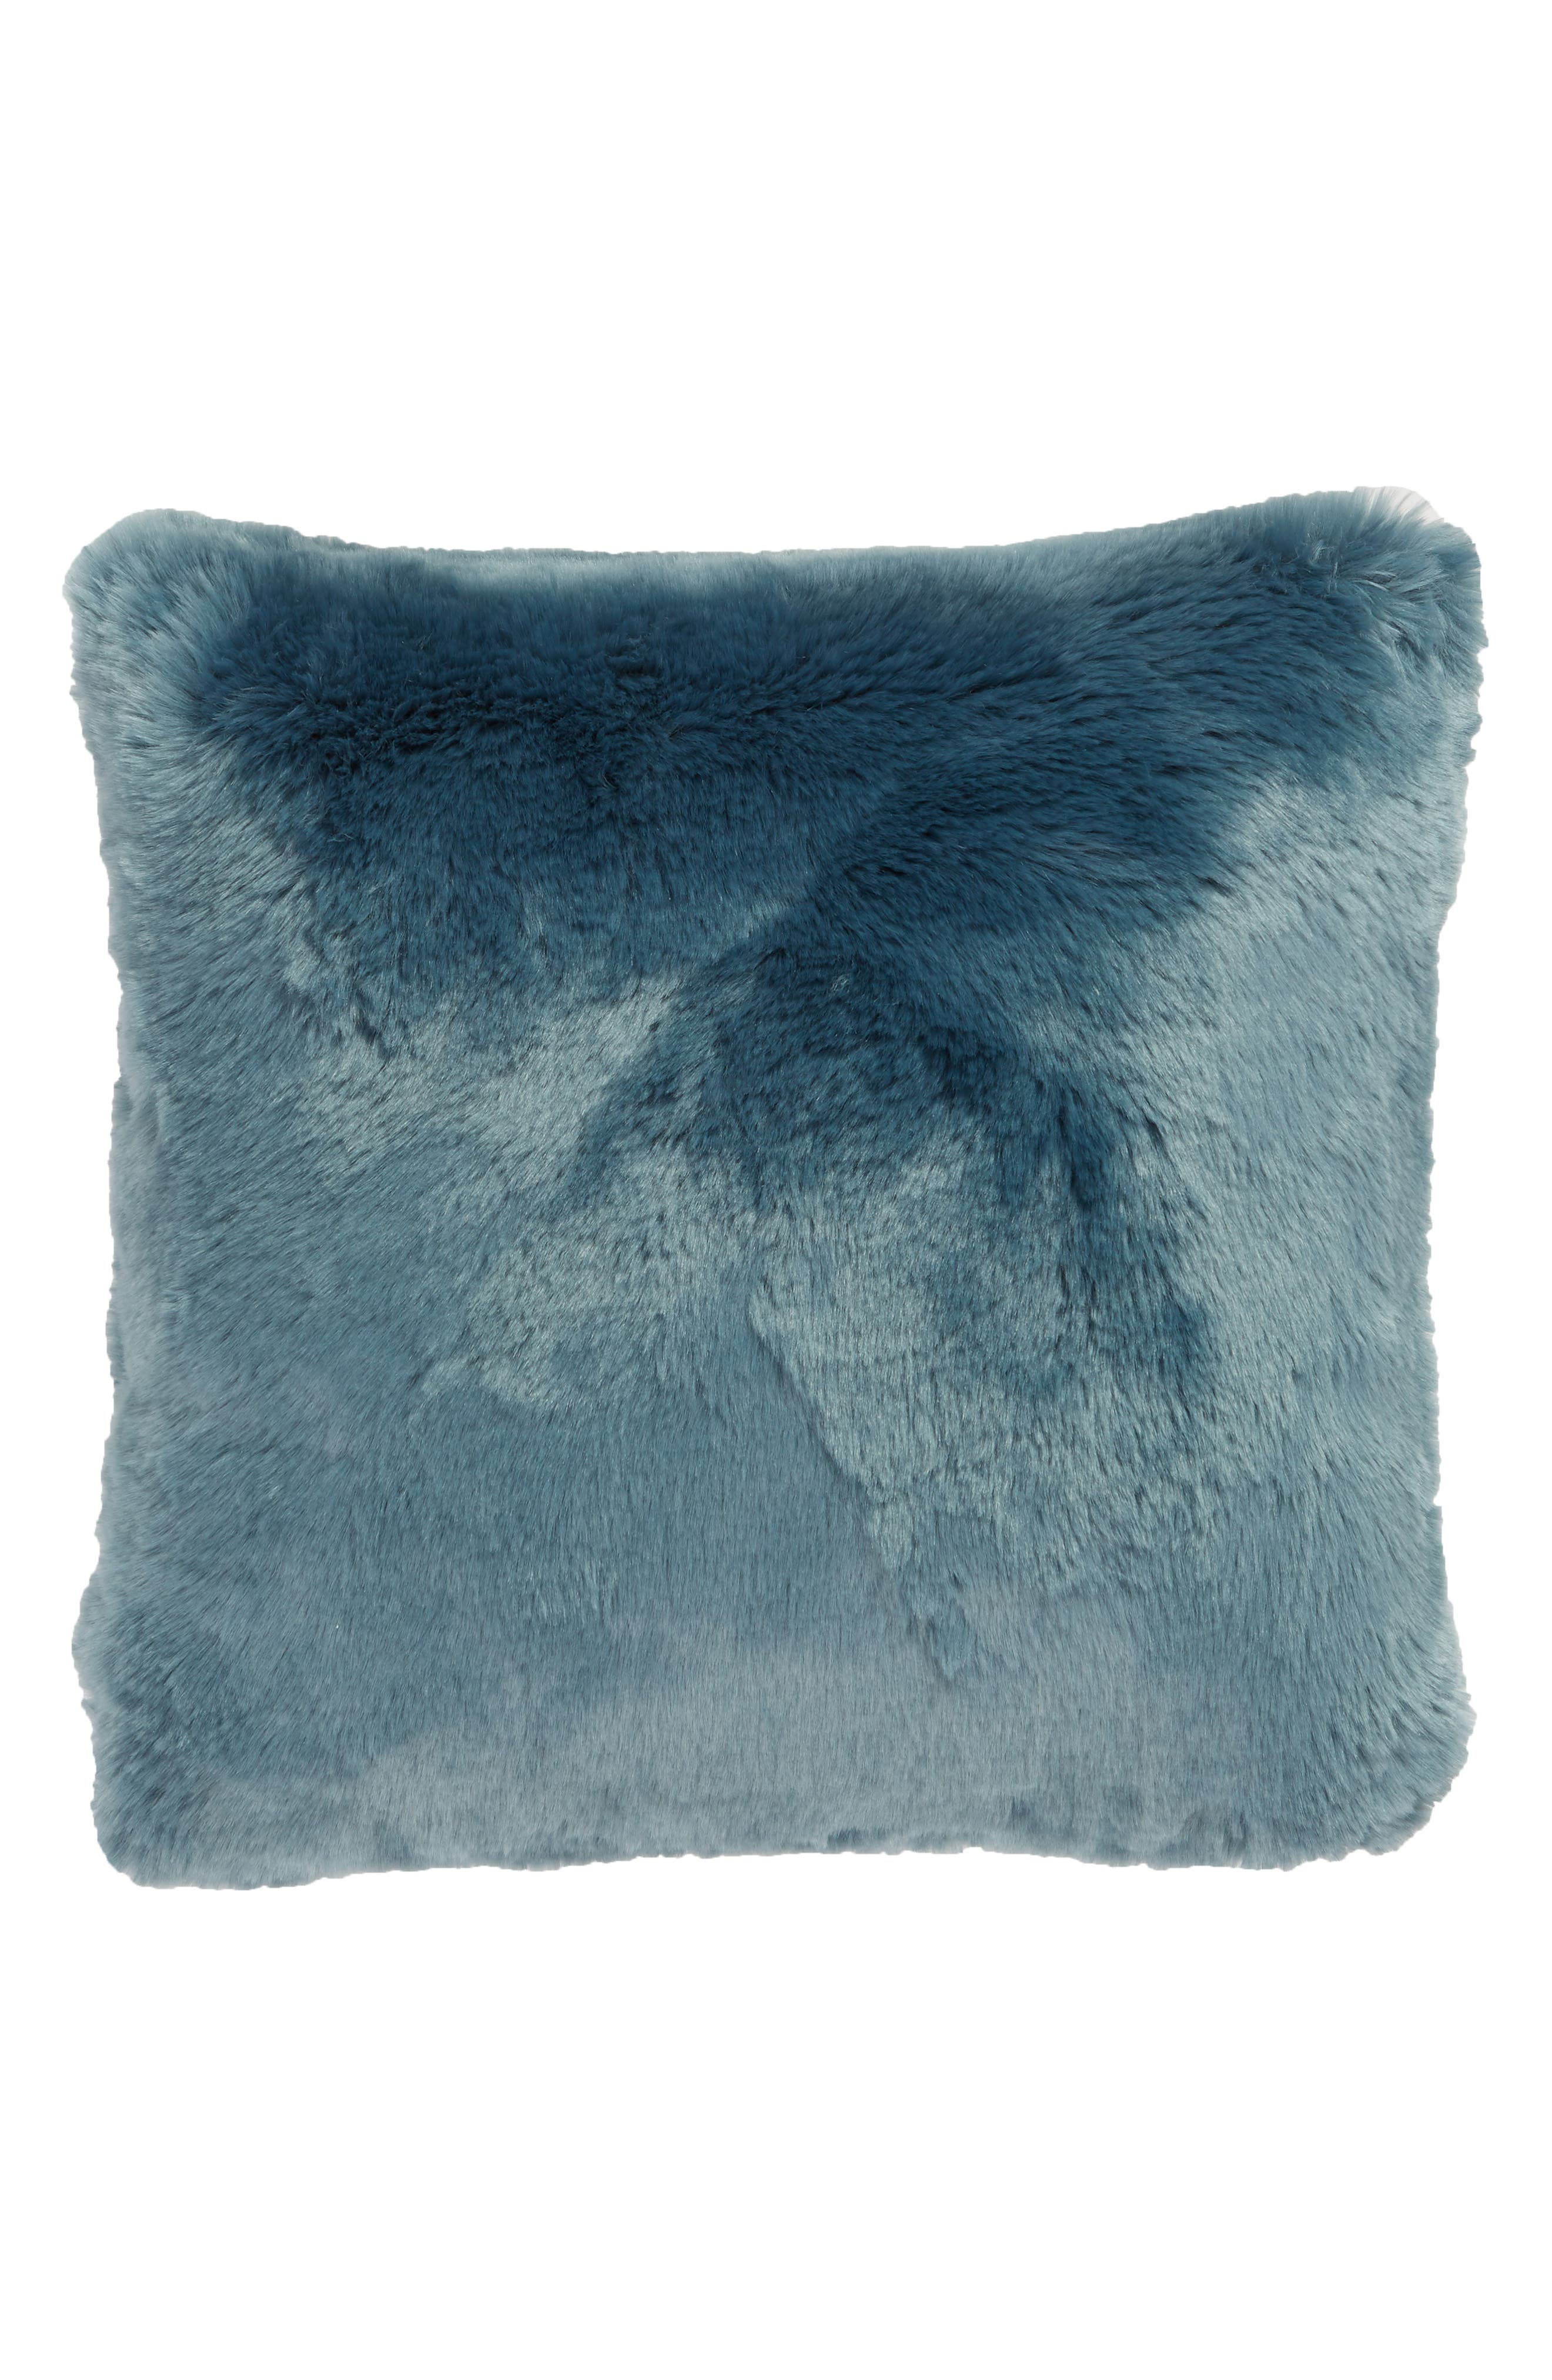 Cuddle Up Faux Fur Pillow,                             Alternate thumbnail 2, color,                             440